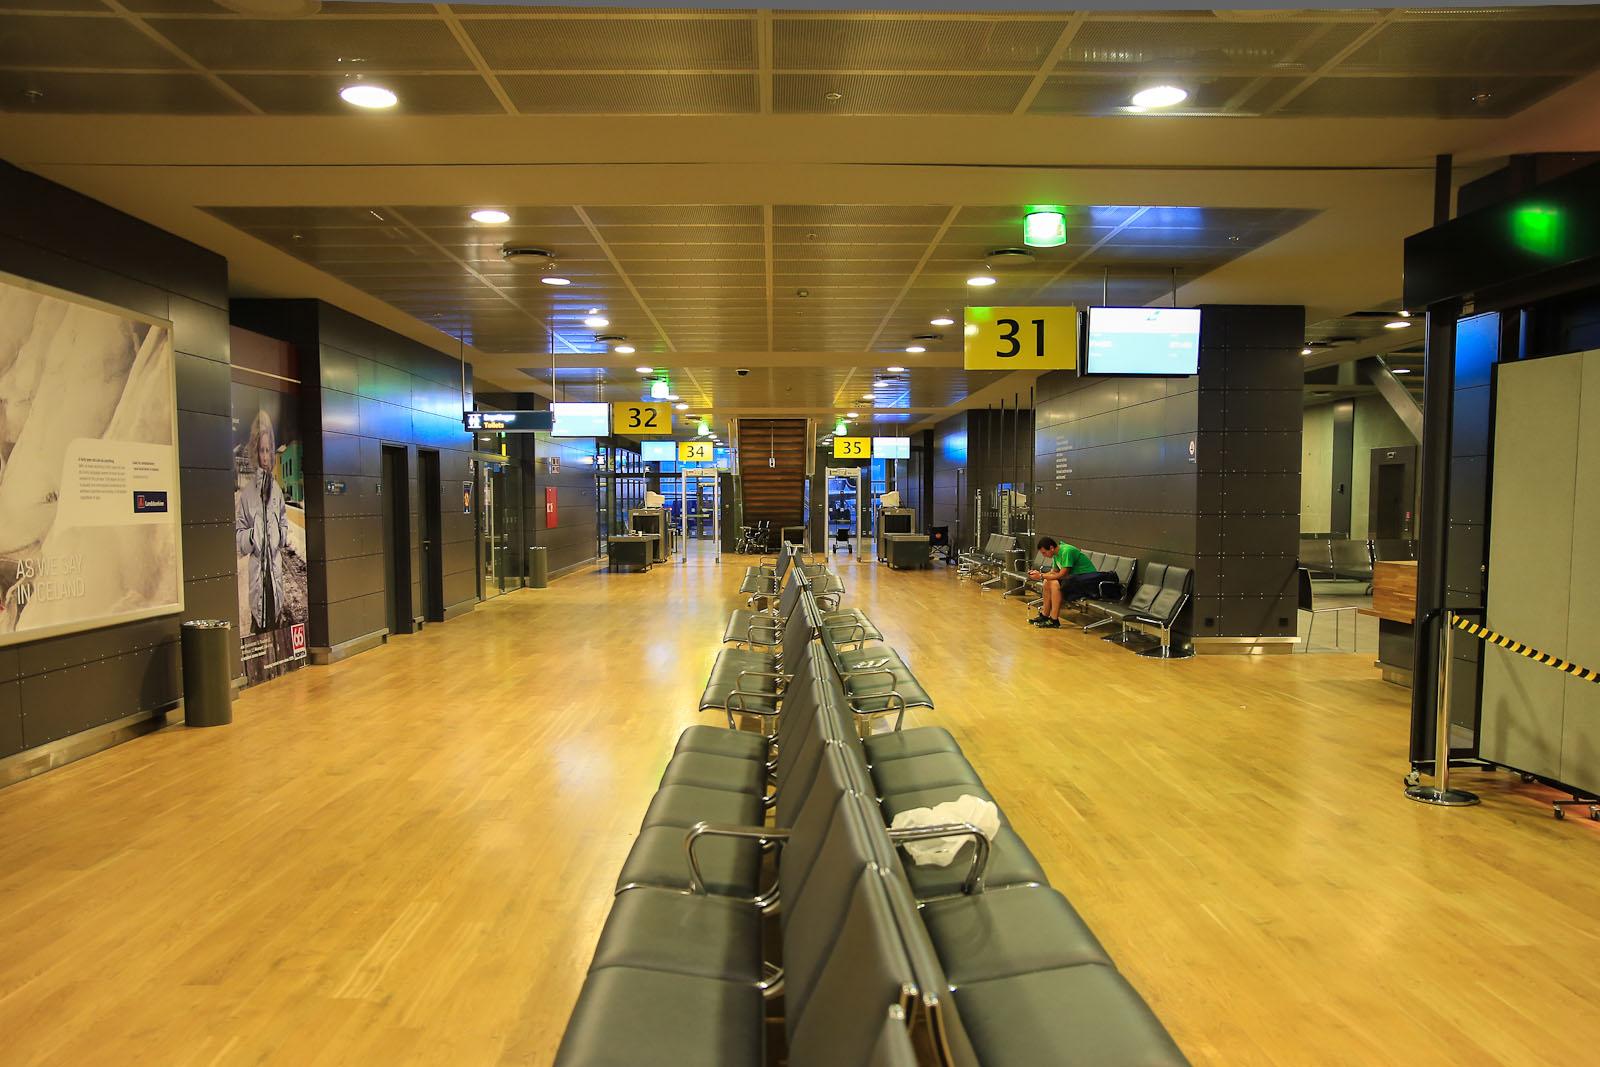 Залы ожидания перед выходами на посадку в аэропорту Кефлавик в Рейкьявике